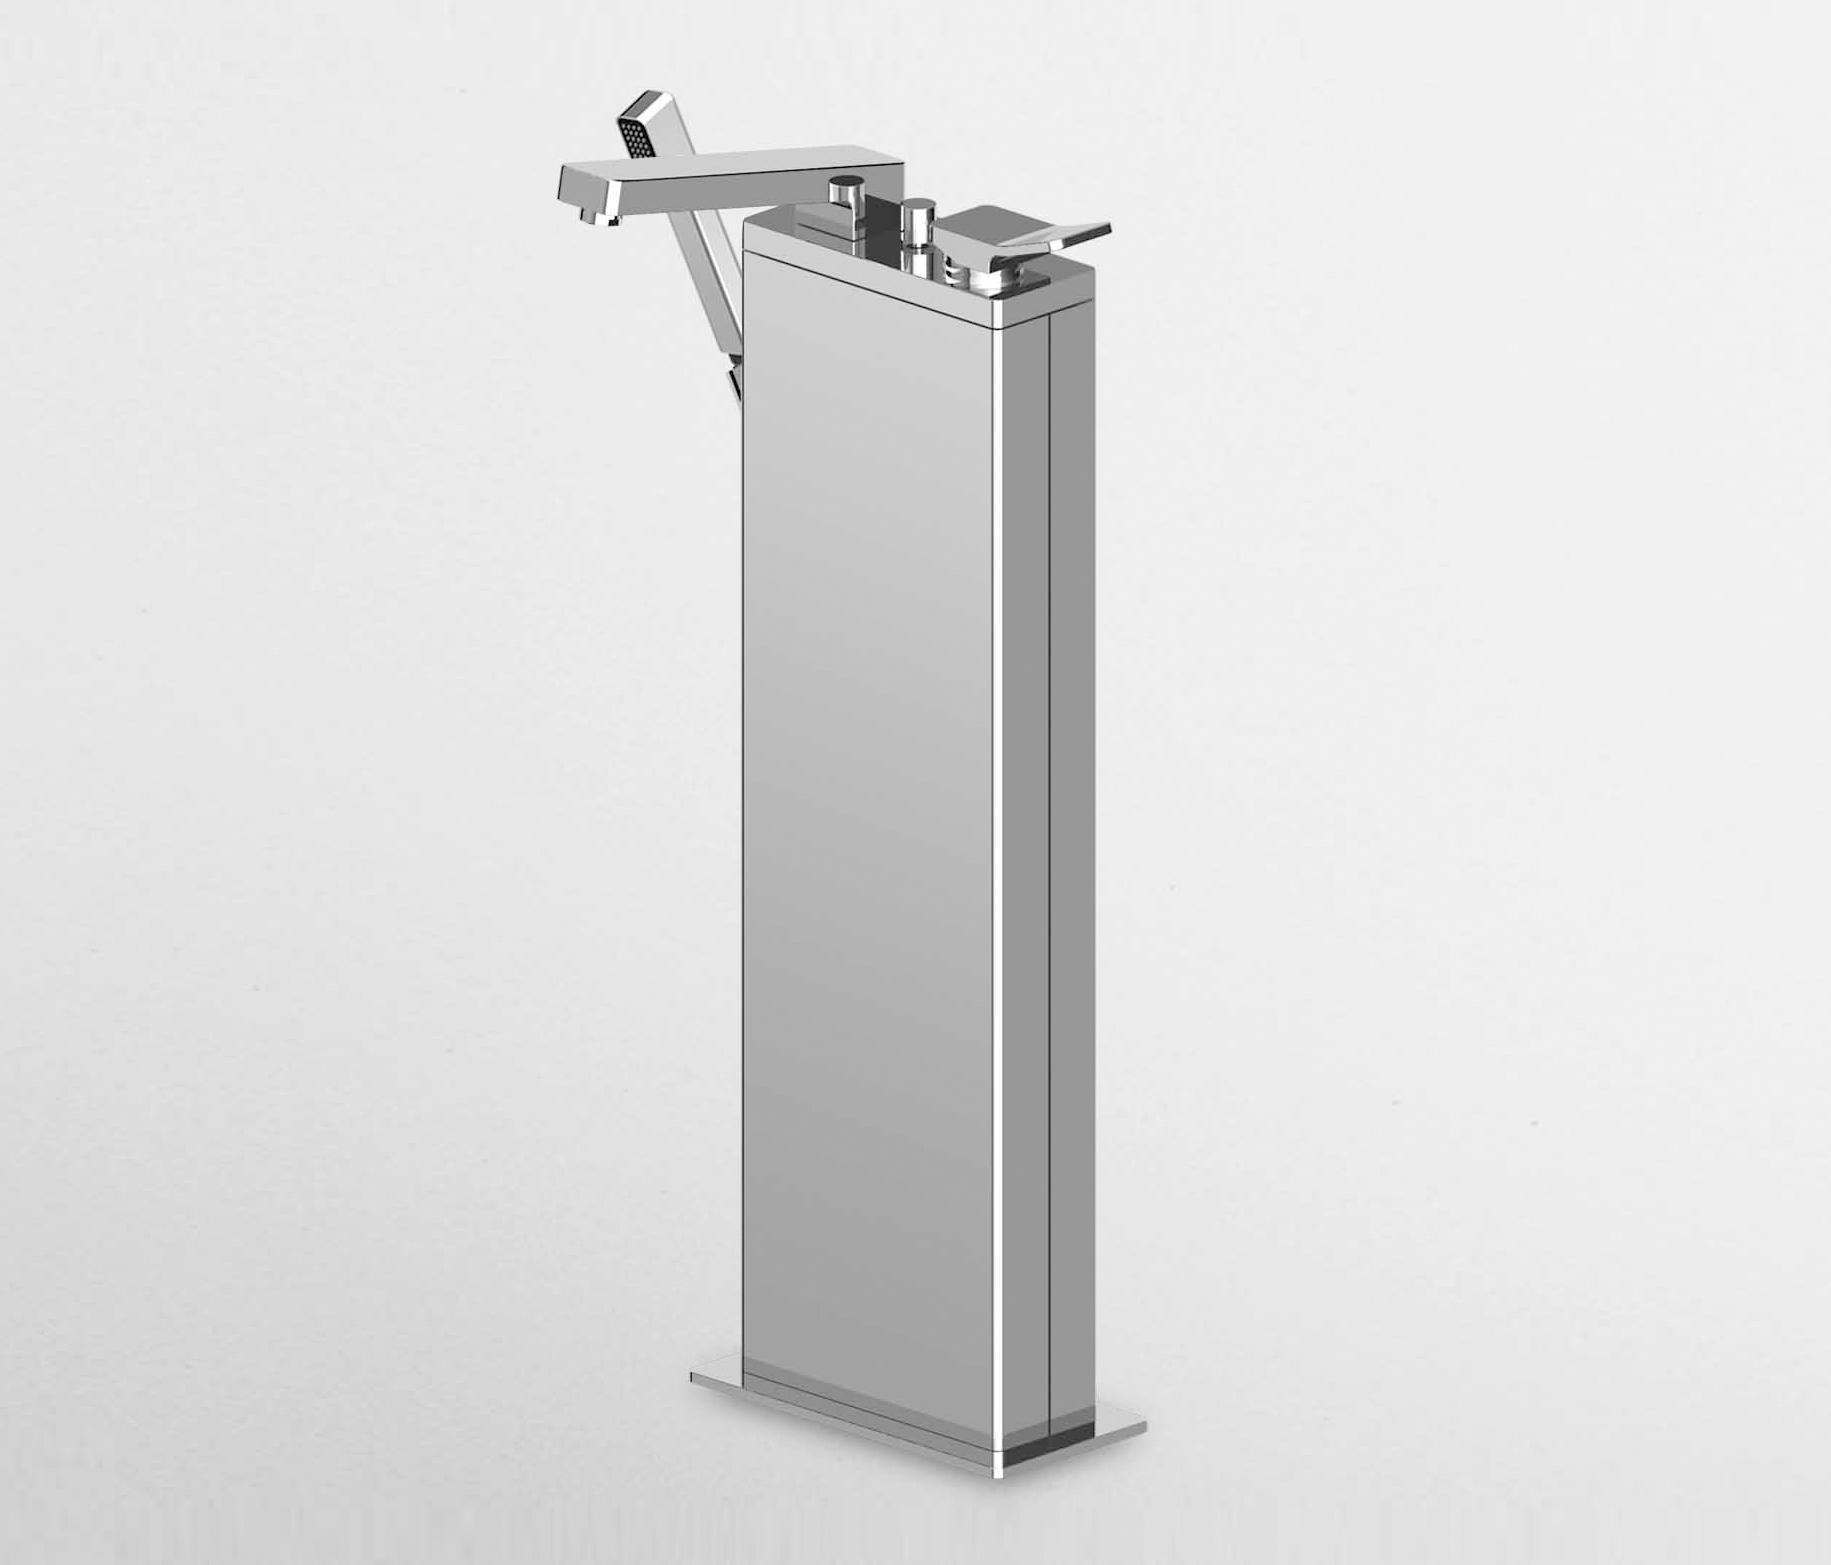 Soft zp7060 rubinetteria per vasche da bagno zucchetti - Rubinetteria bagno zucchetti ...